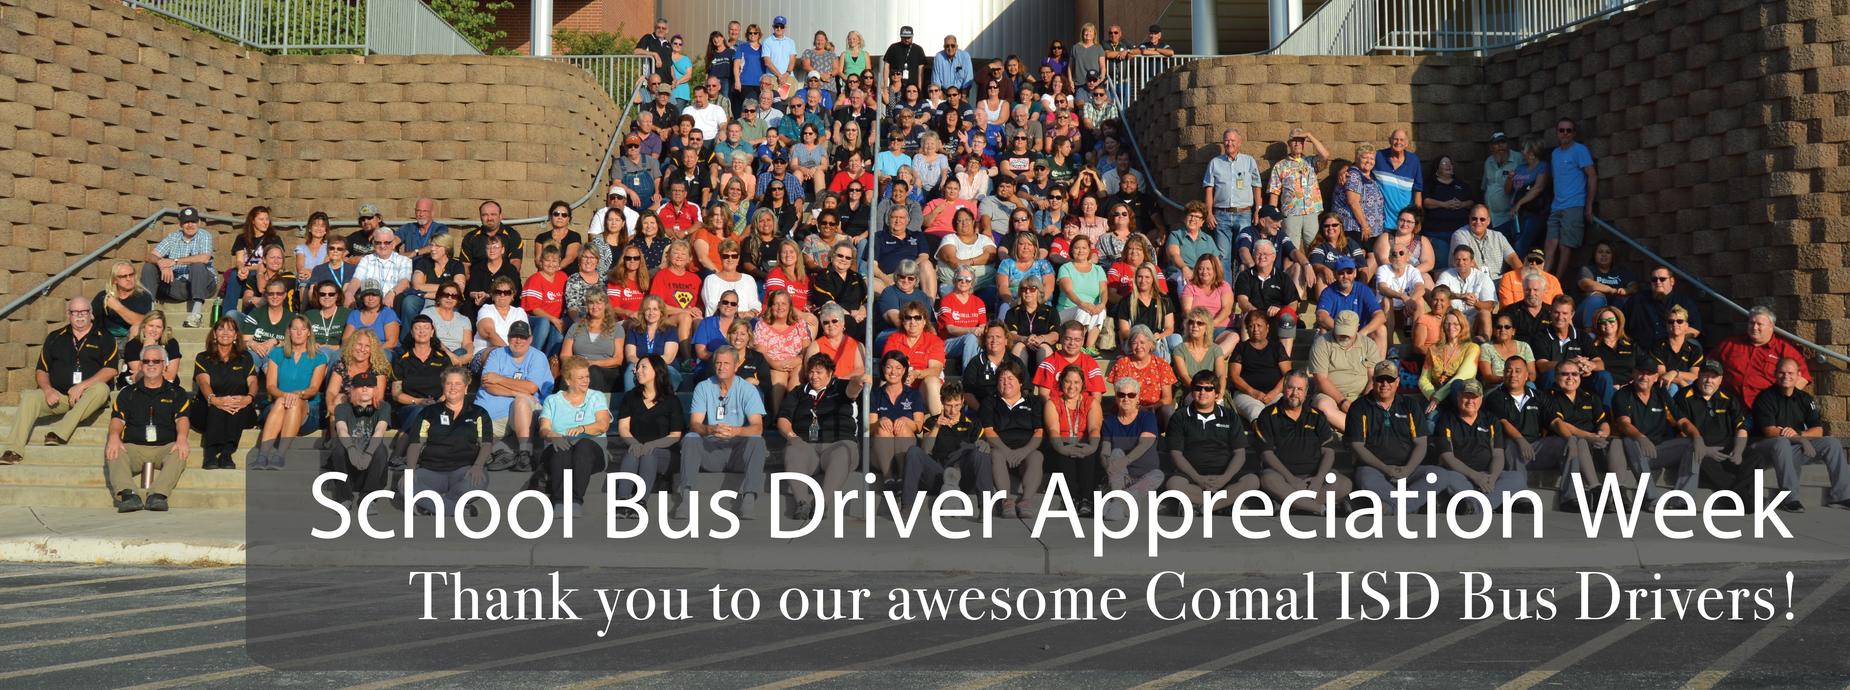 school bus driver appreciation week